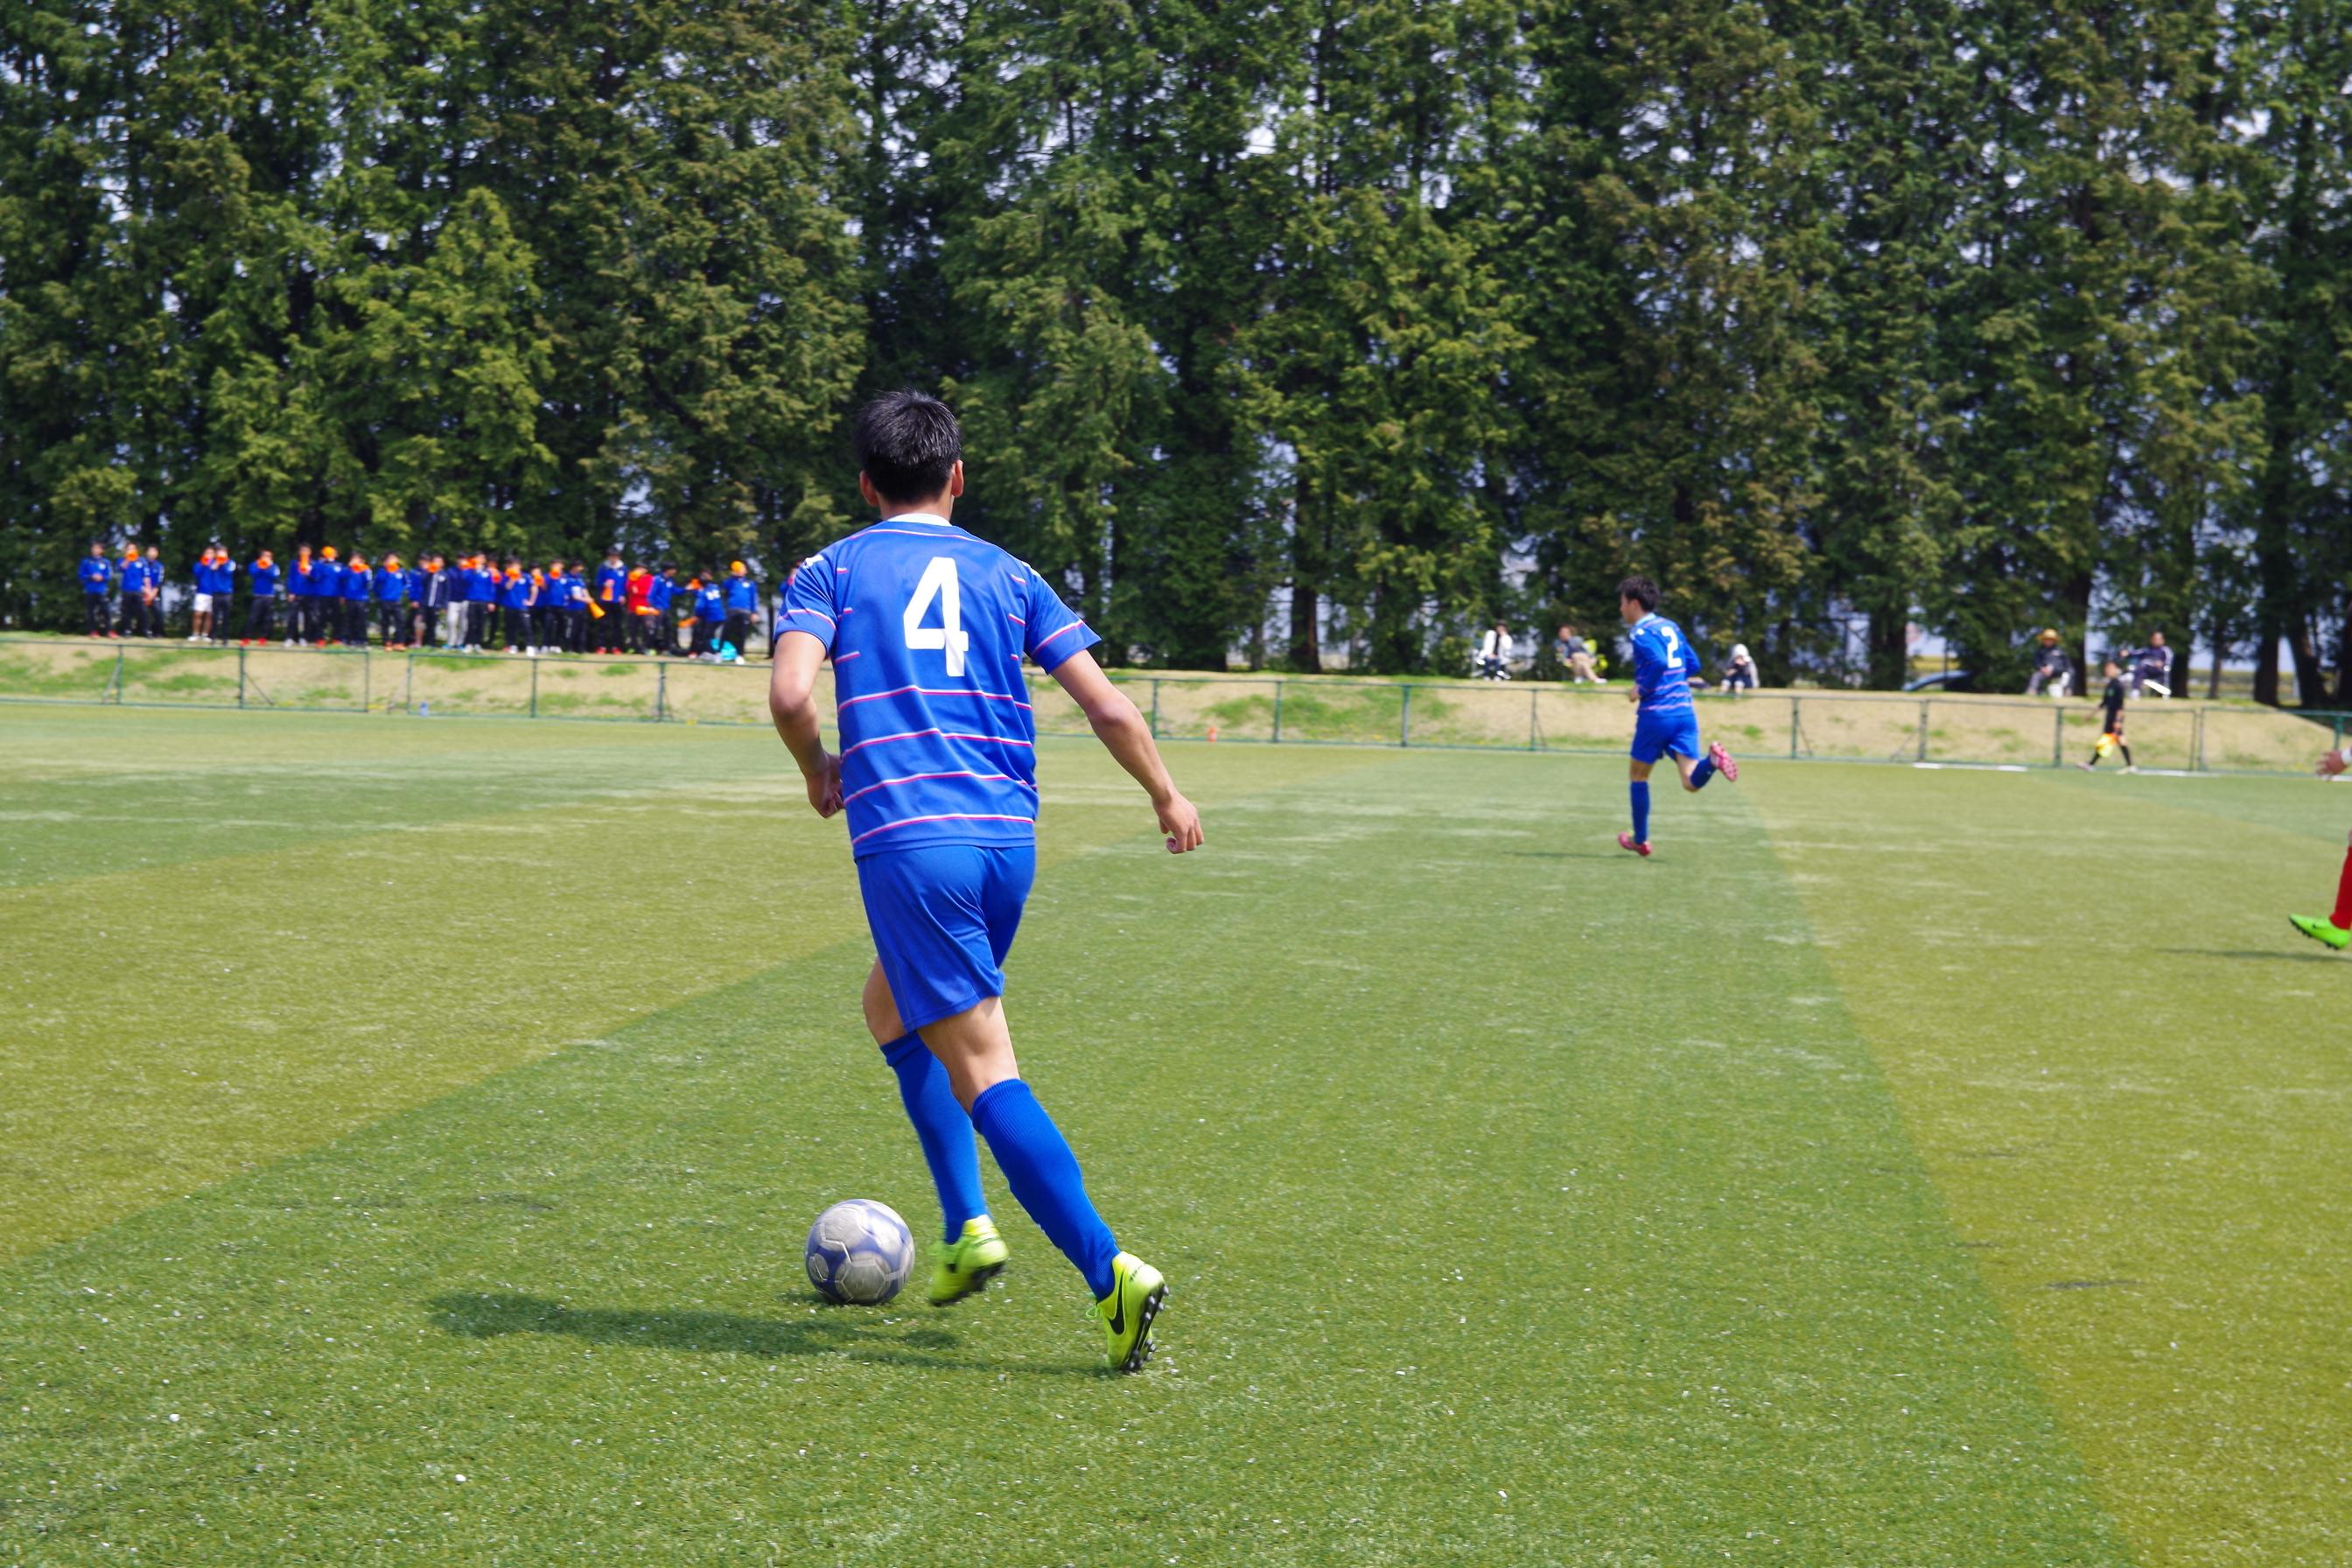 【サッカー部】2018年度 北関東大学サッカーリーグ戦 試合日程 ...